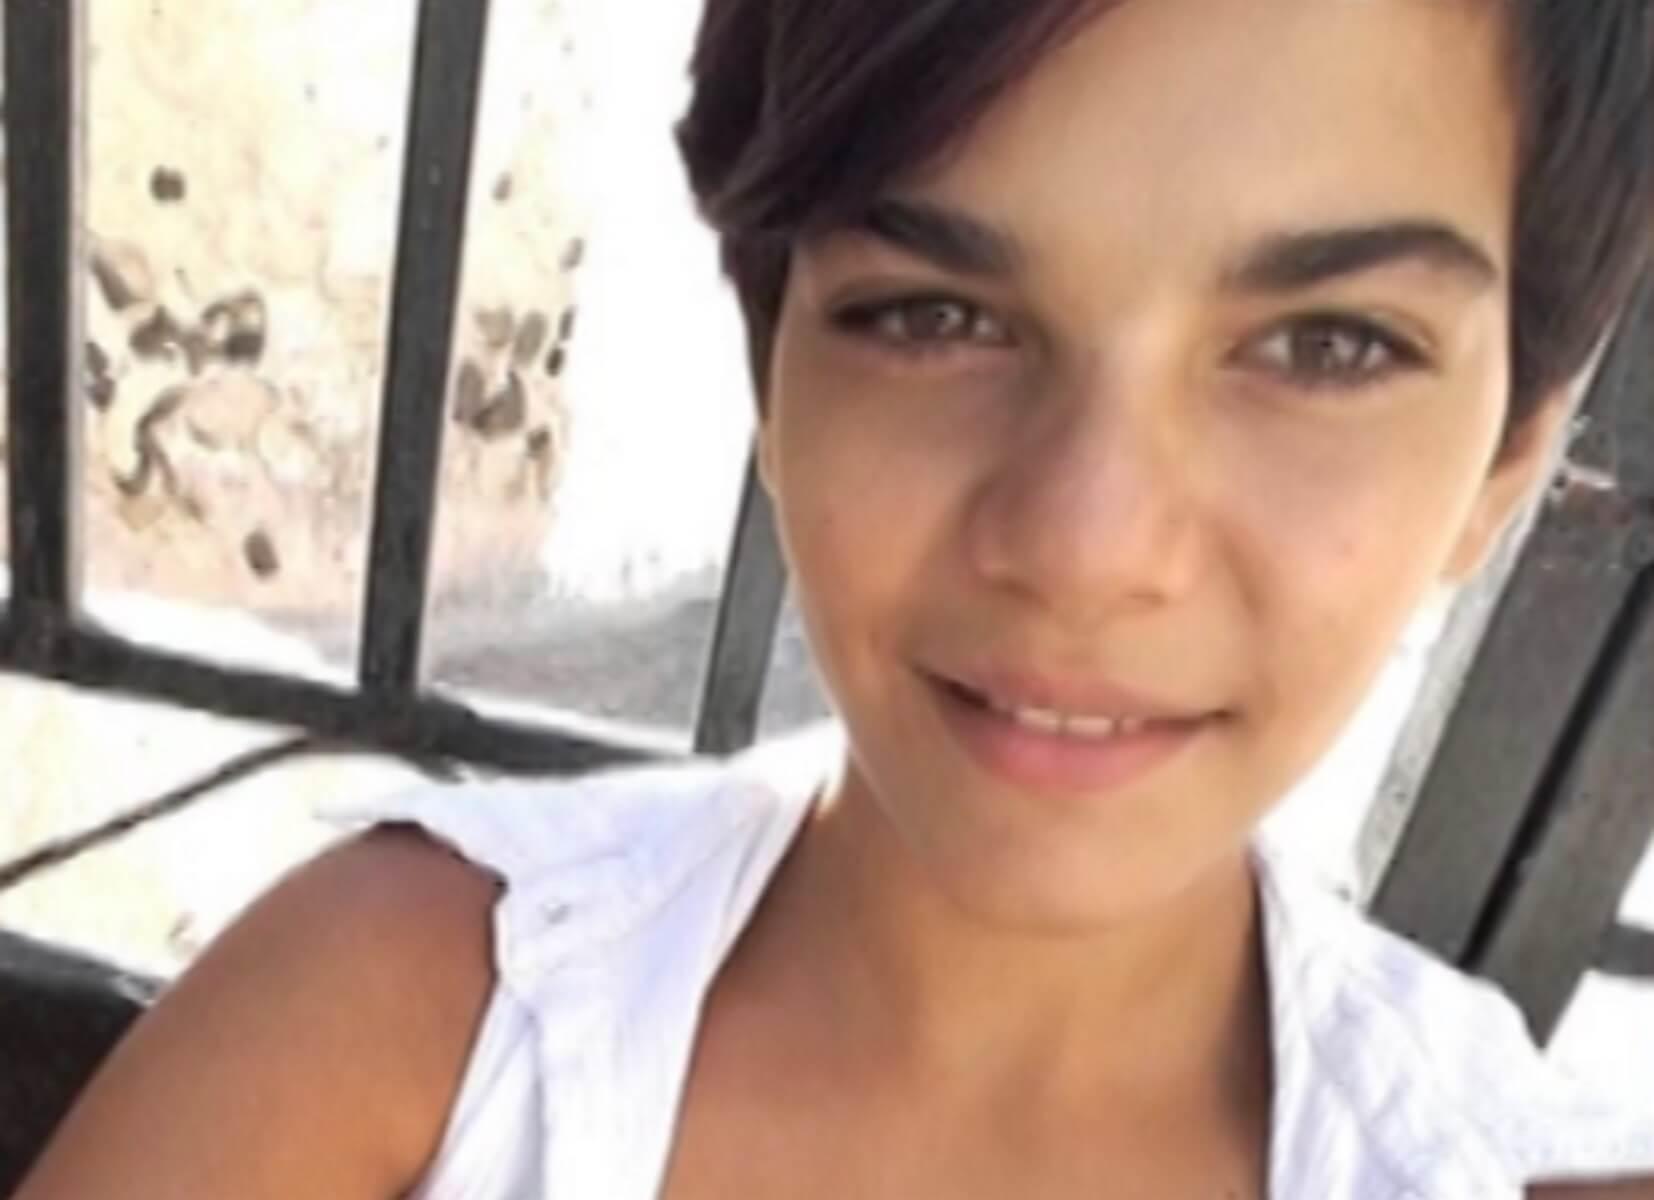 Δύο μπουκάλια αλκοόλ είχε καταναλώσει η 14χρονη που πέθανε στη Σαντορίνη – Τι έδειξαν οι τοξικολογικές